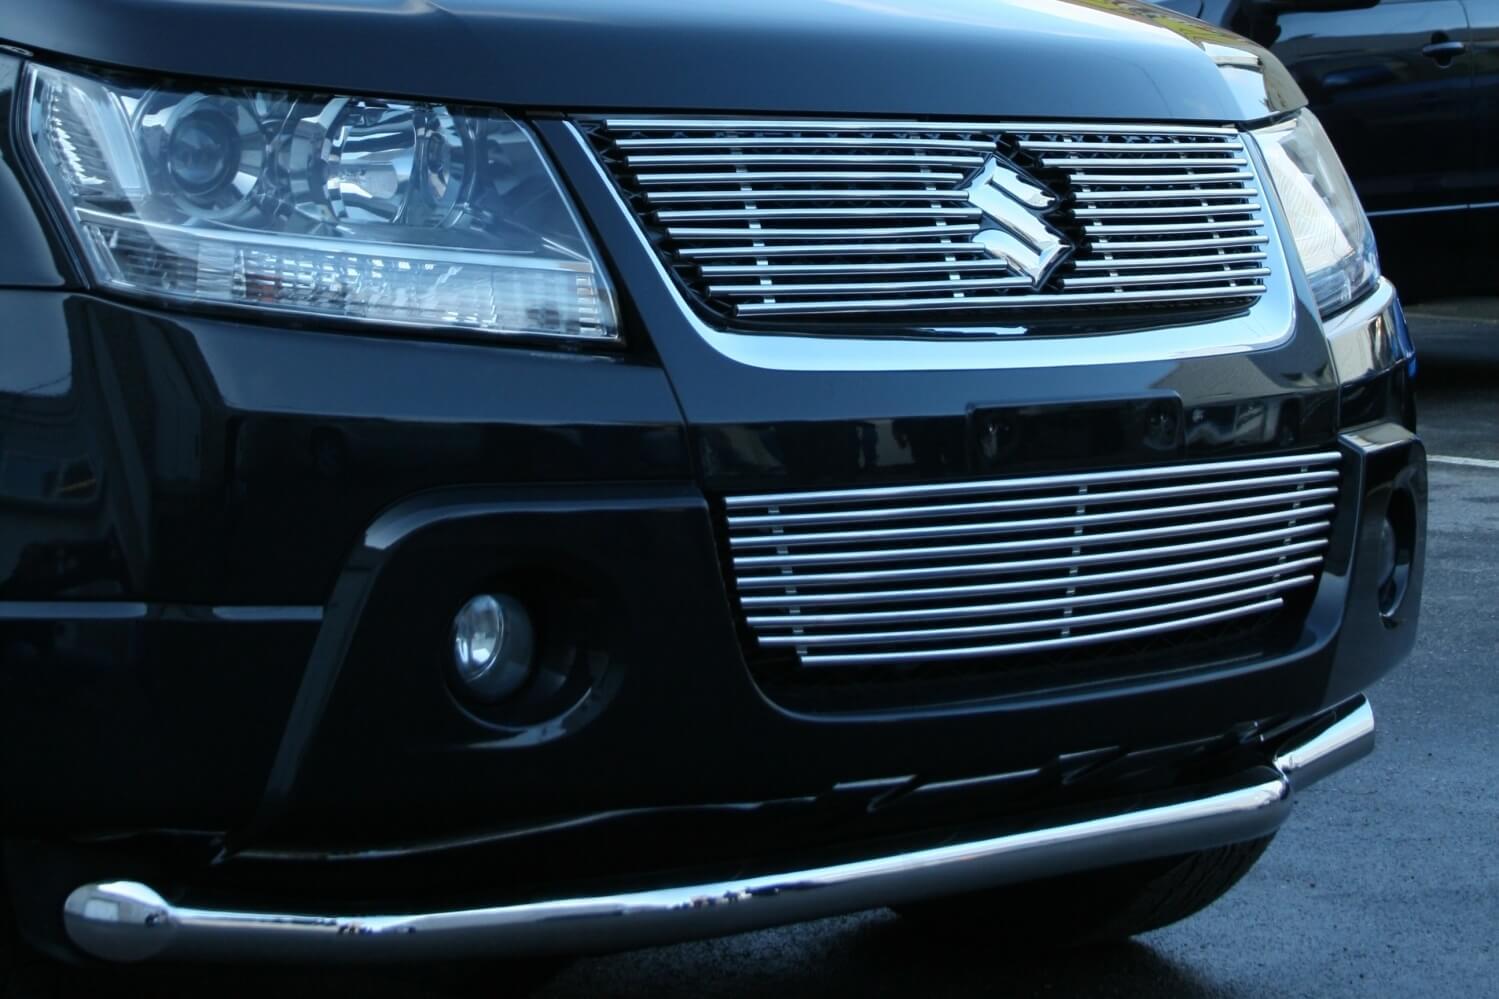 Декоративные элементы нижнего воздухозаборника Suzuki Grand Vitara 2008-2012